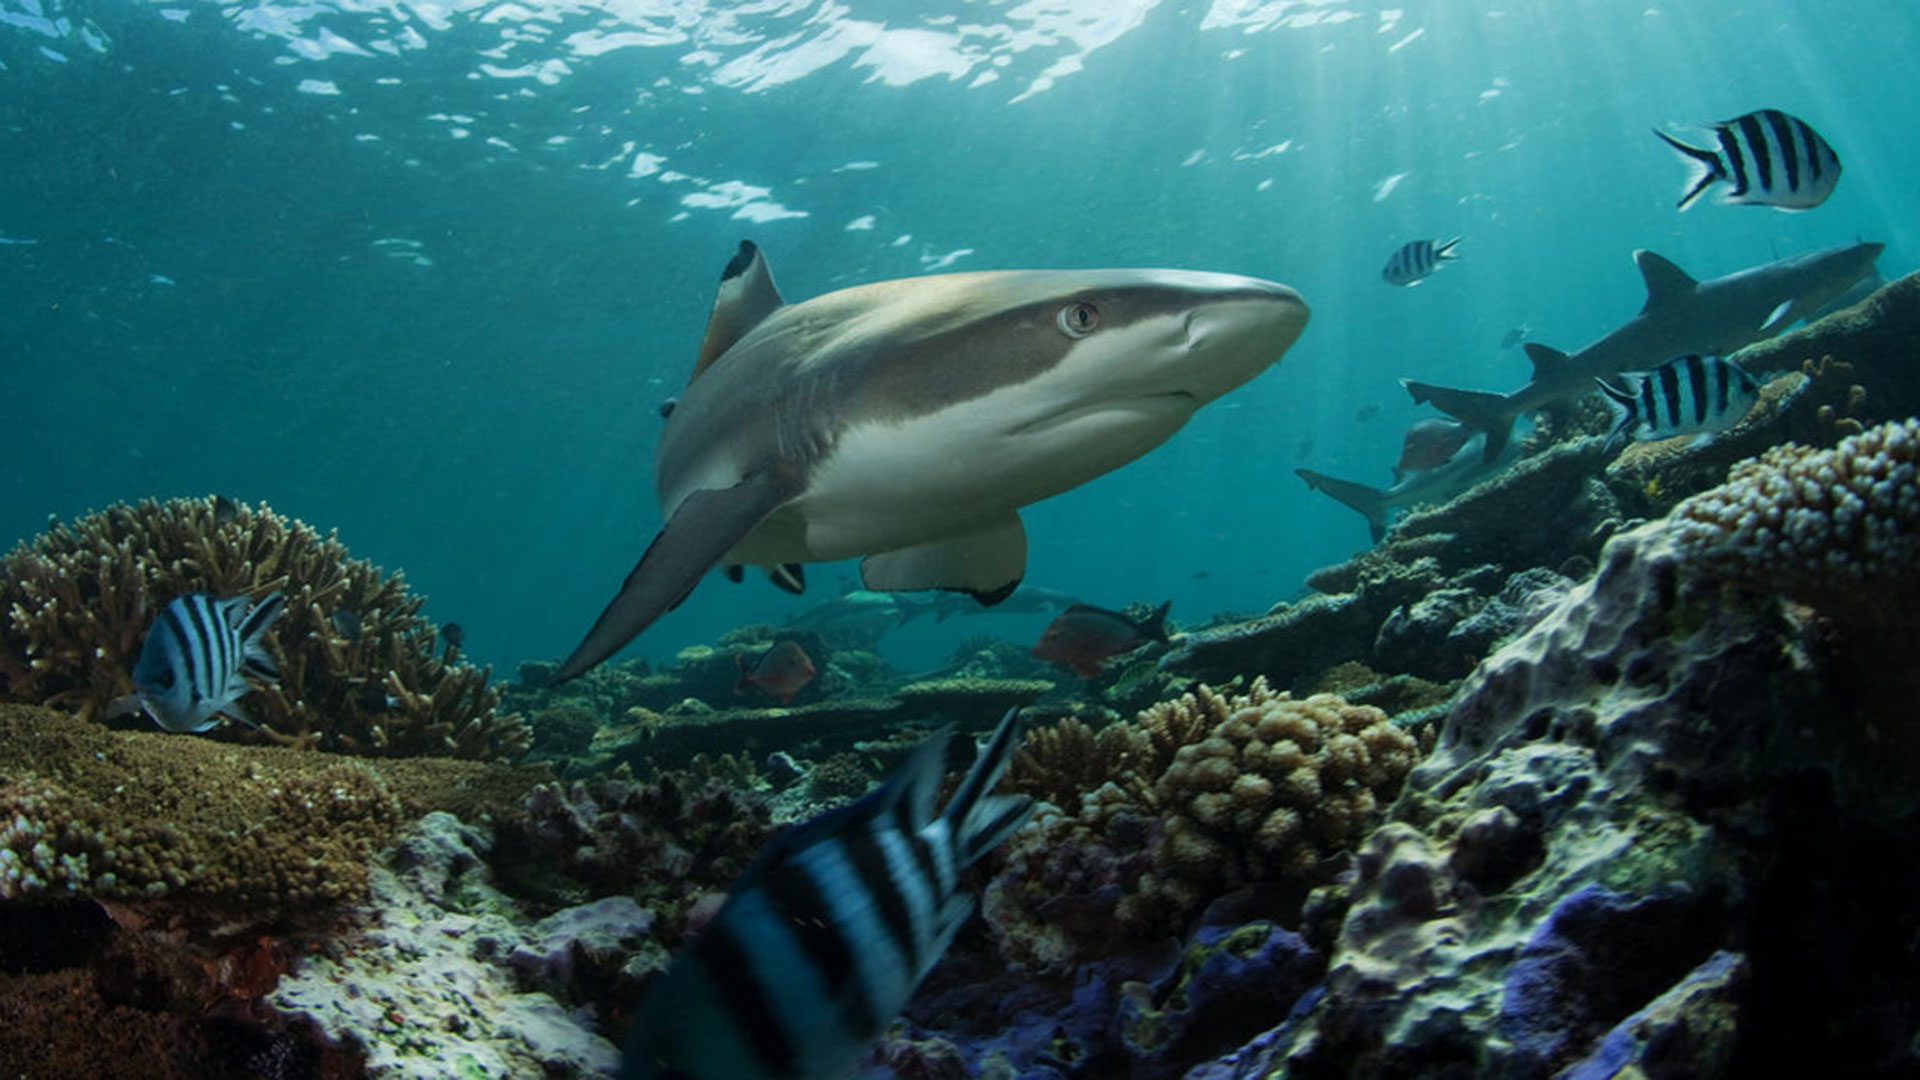 Haie und ihr Imagewandel: Vom gefährlichen Raubfisch zum faszinierenden Wesen